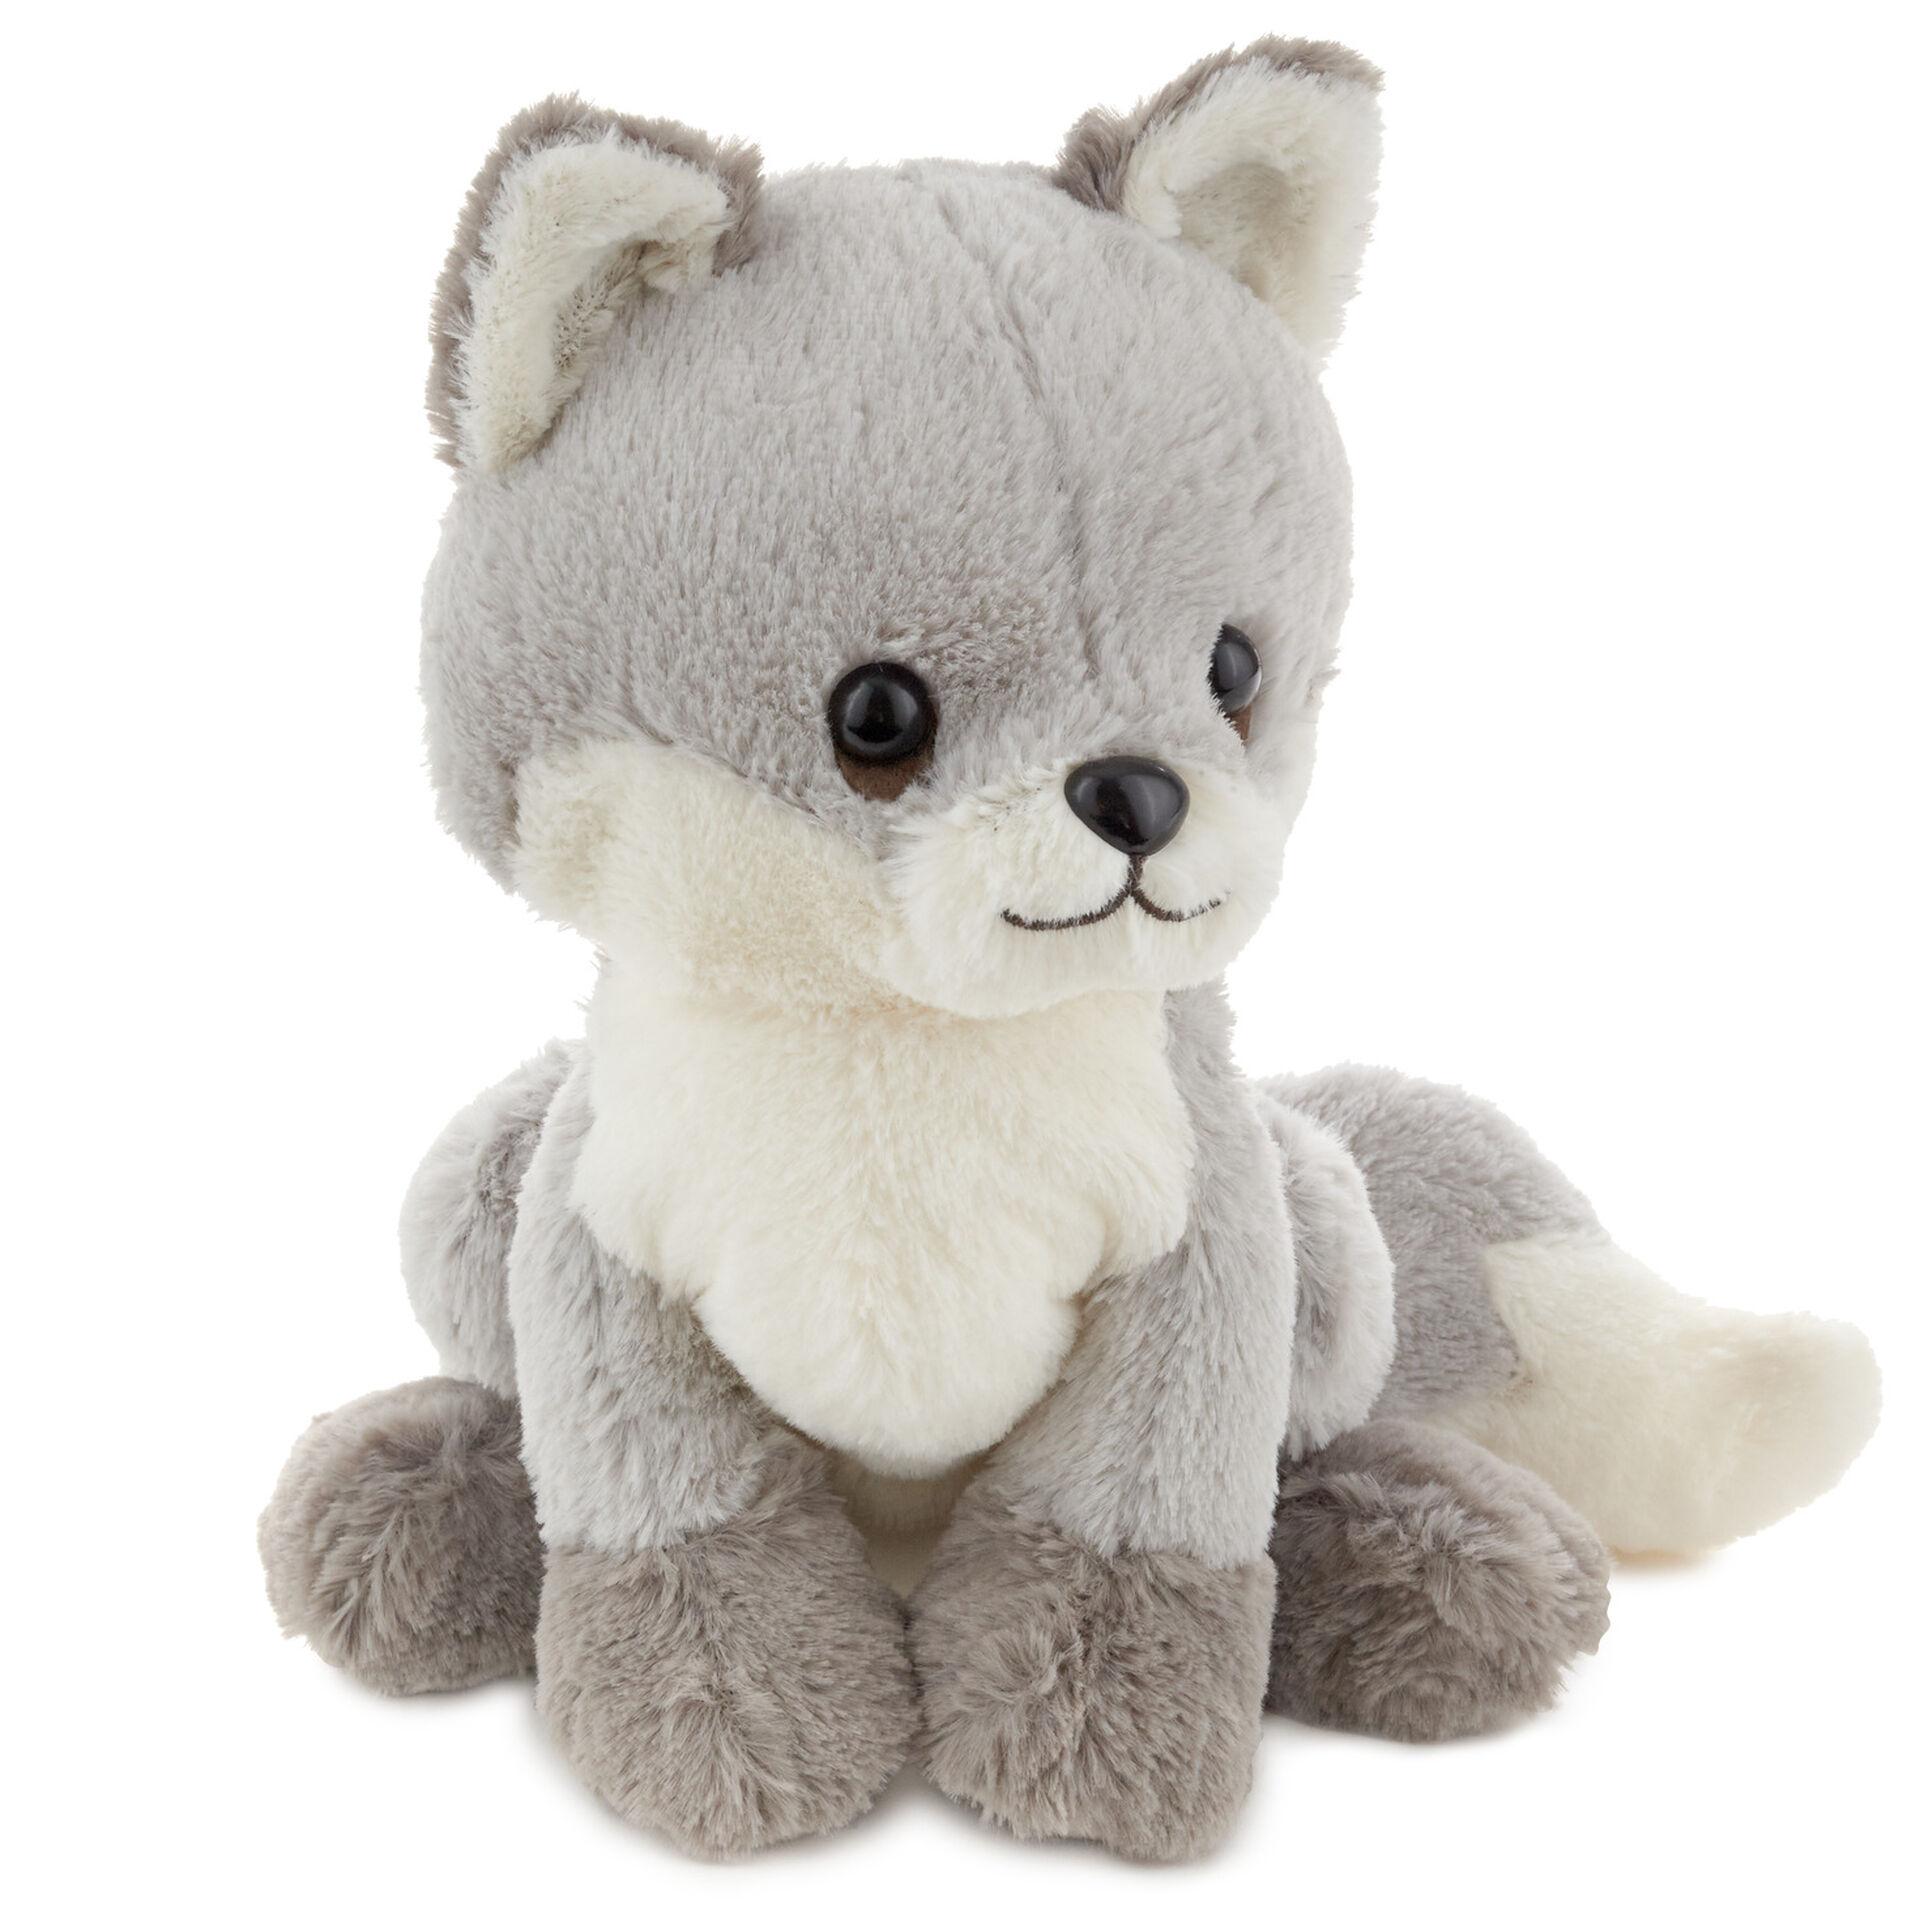 Silver Fox Stuffed Animal, Silver Baby Fox Stuffed Animal 8 Classic Stuffed Animals Hallmark